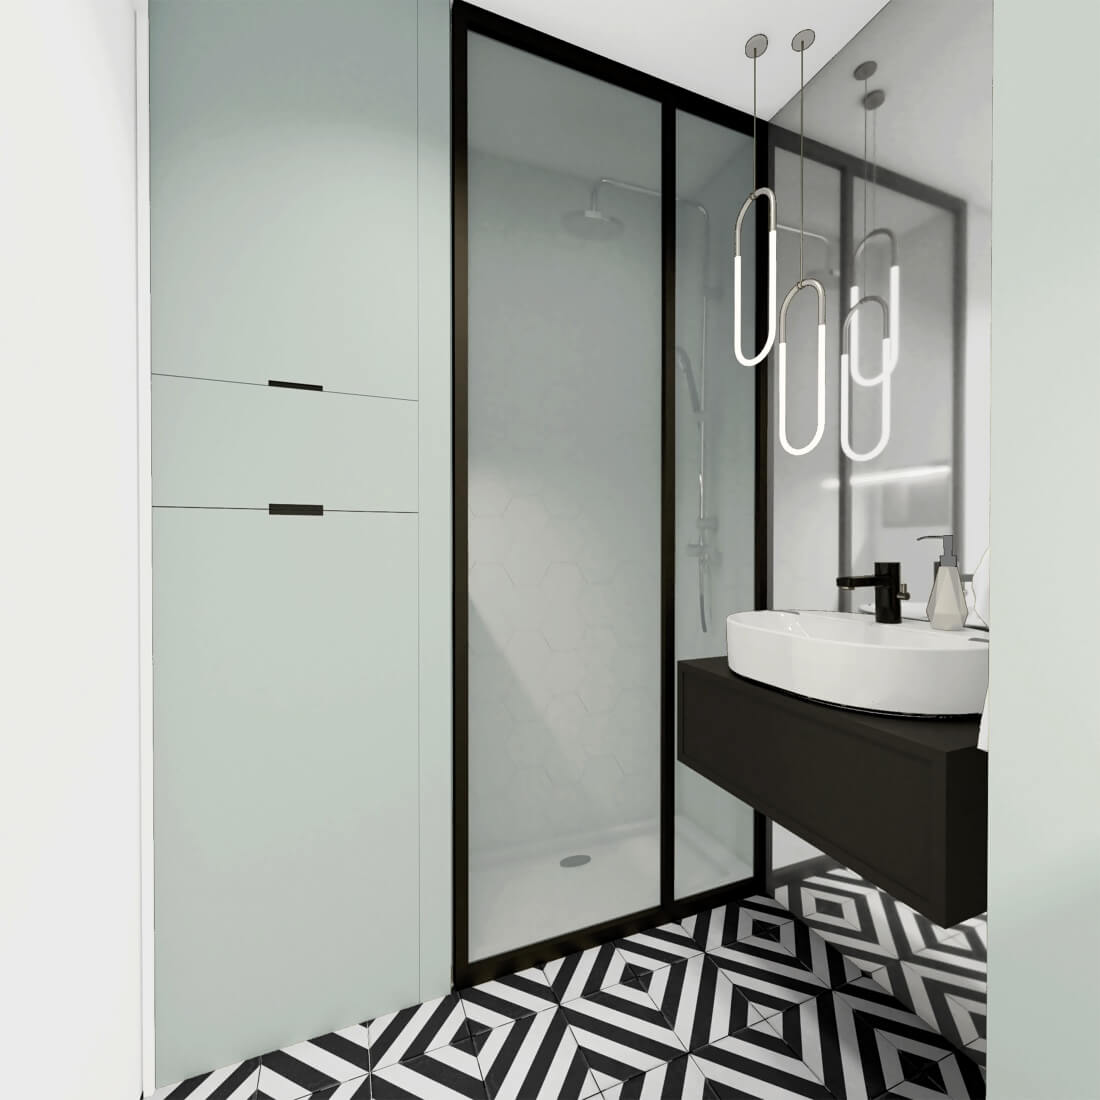 Łazienka z zabudową meblową